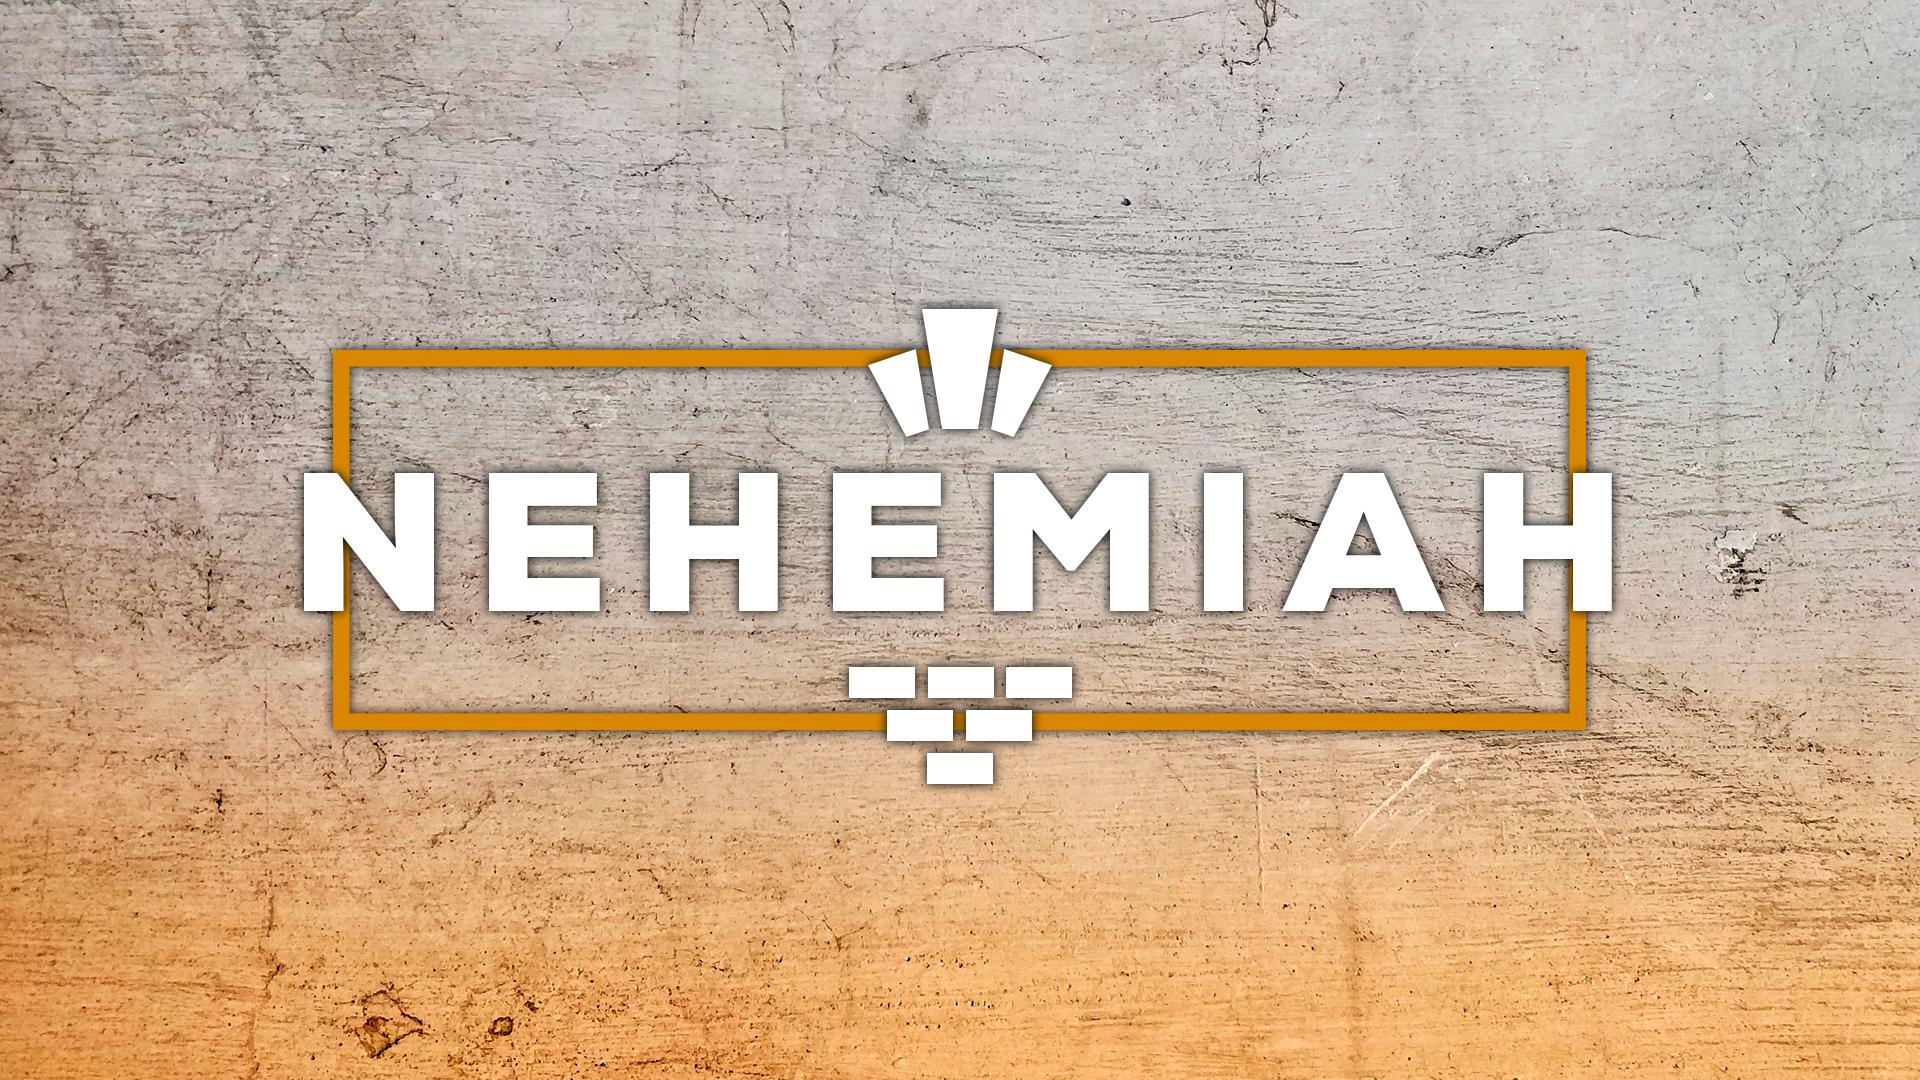 nehemiah_slide.jpg